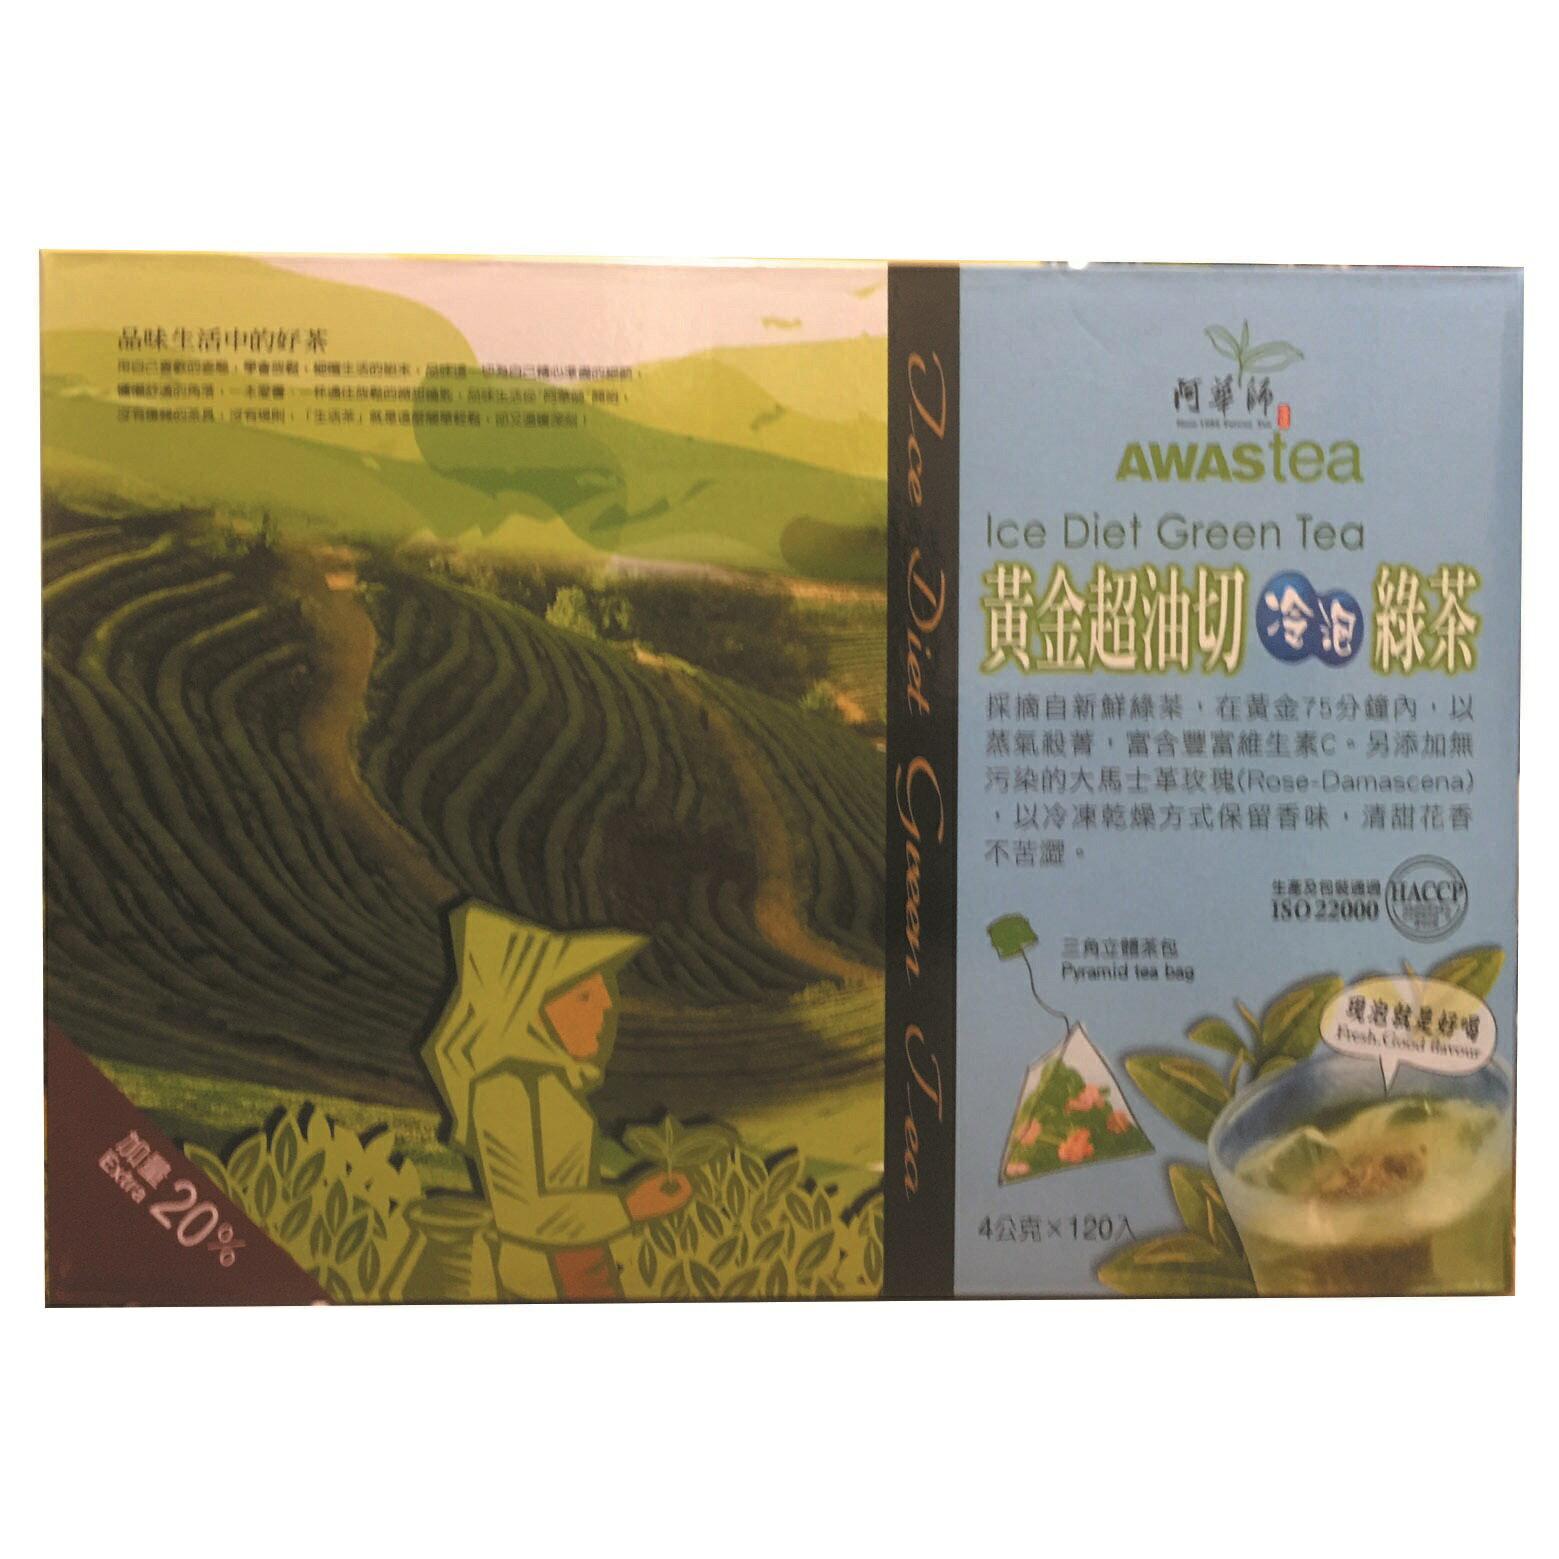 阿華師茶業 黃金超油切日式綠茶4g*120包/袋 量販箱